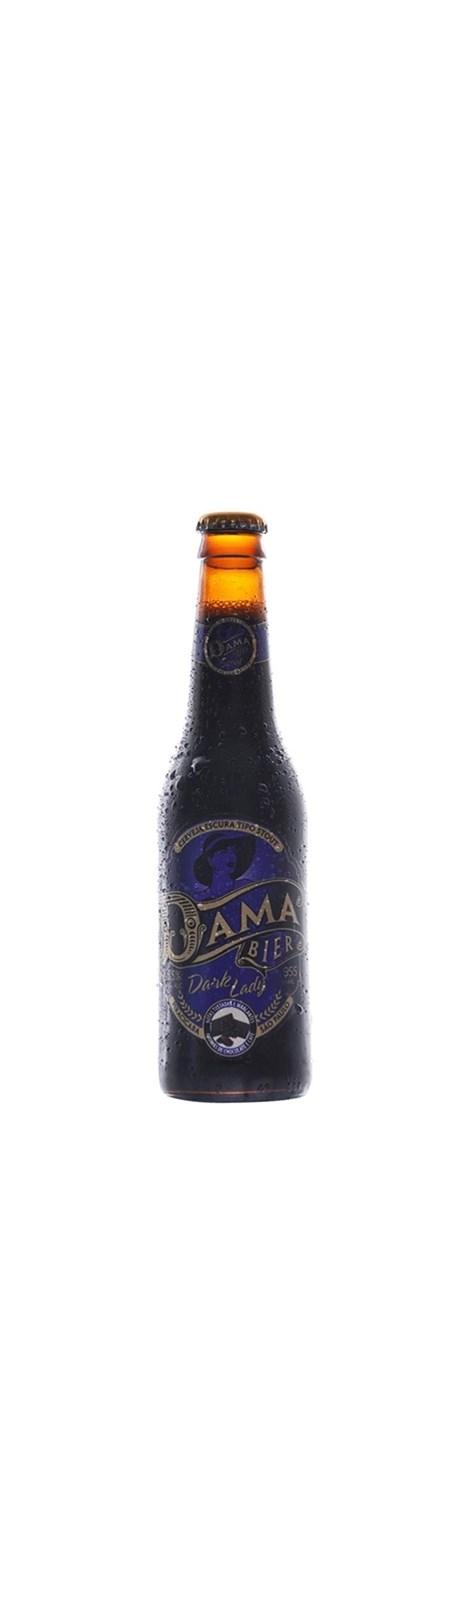 Dama Bier Stout 355ml